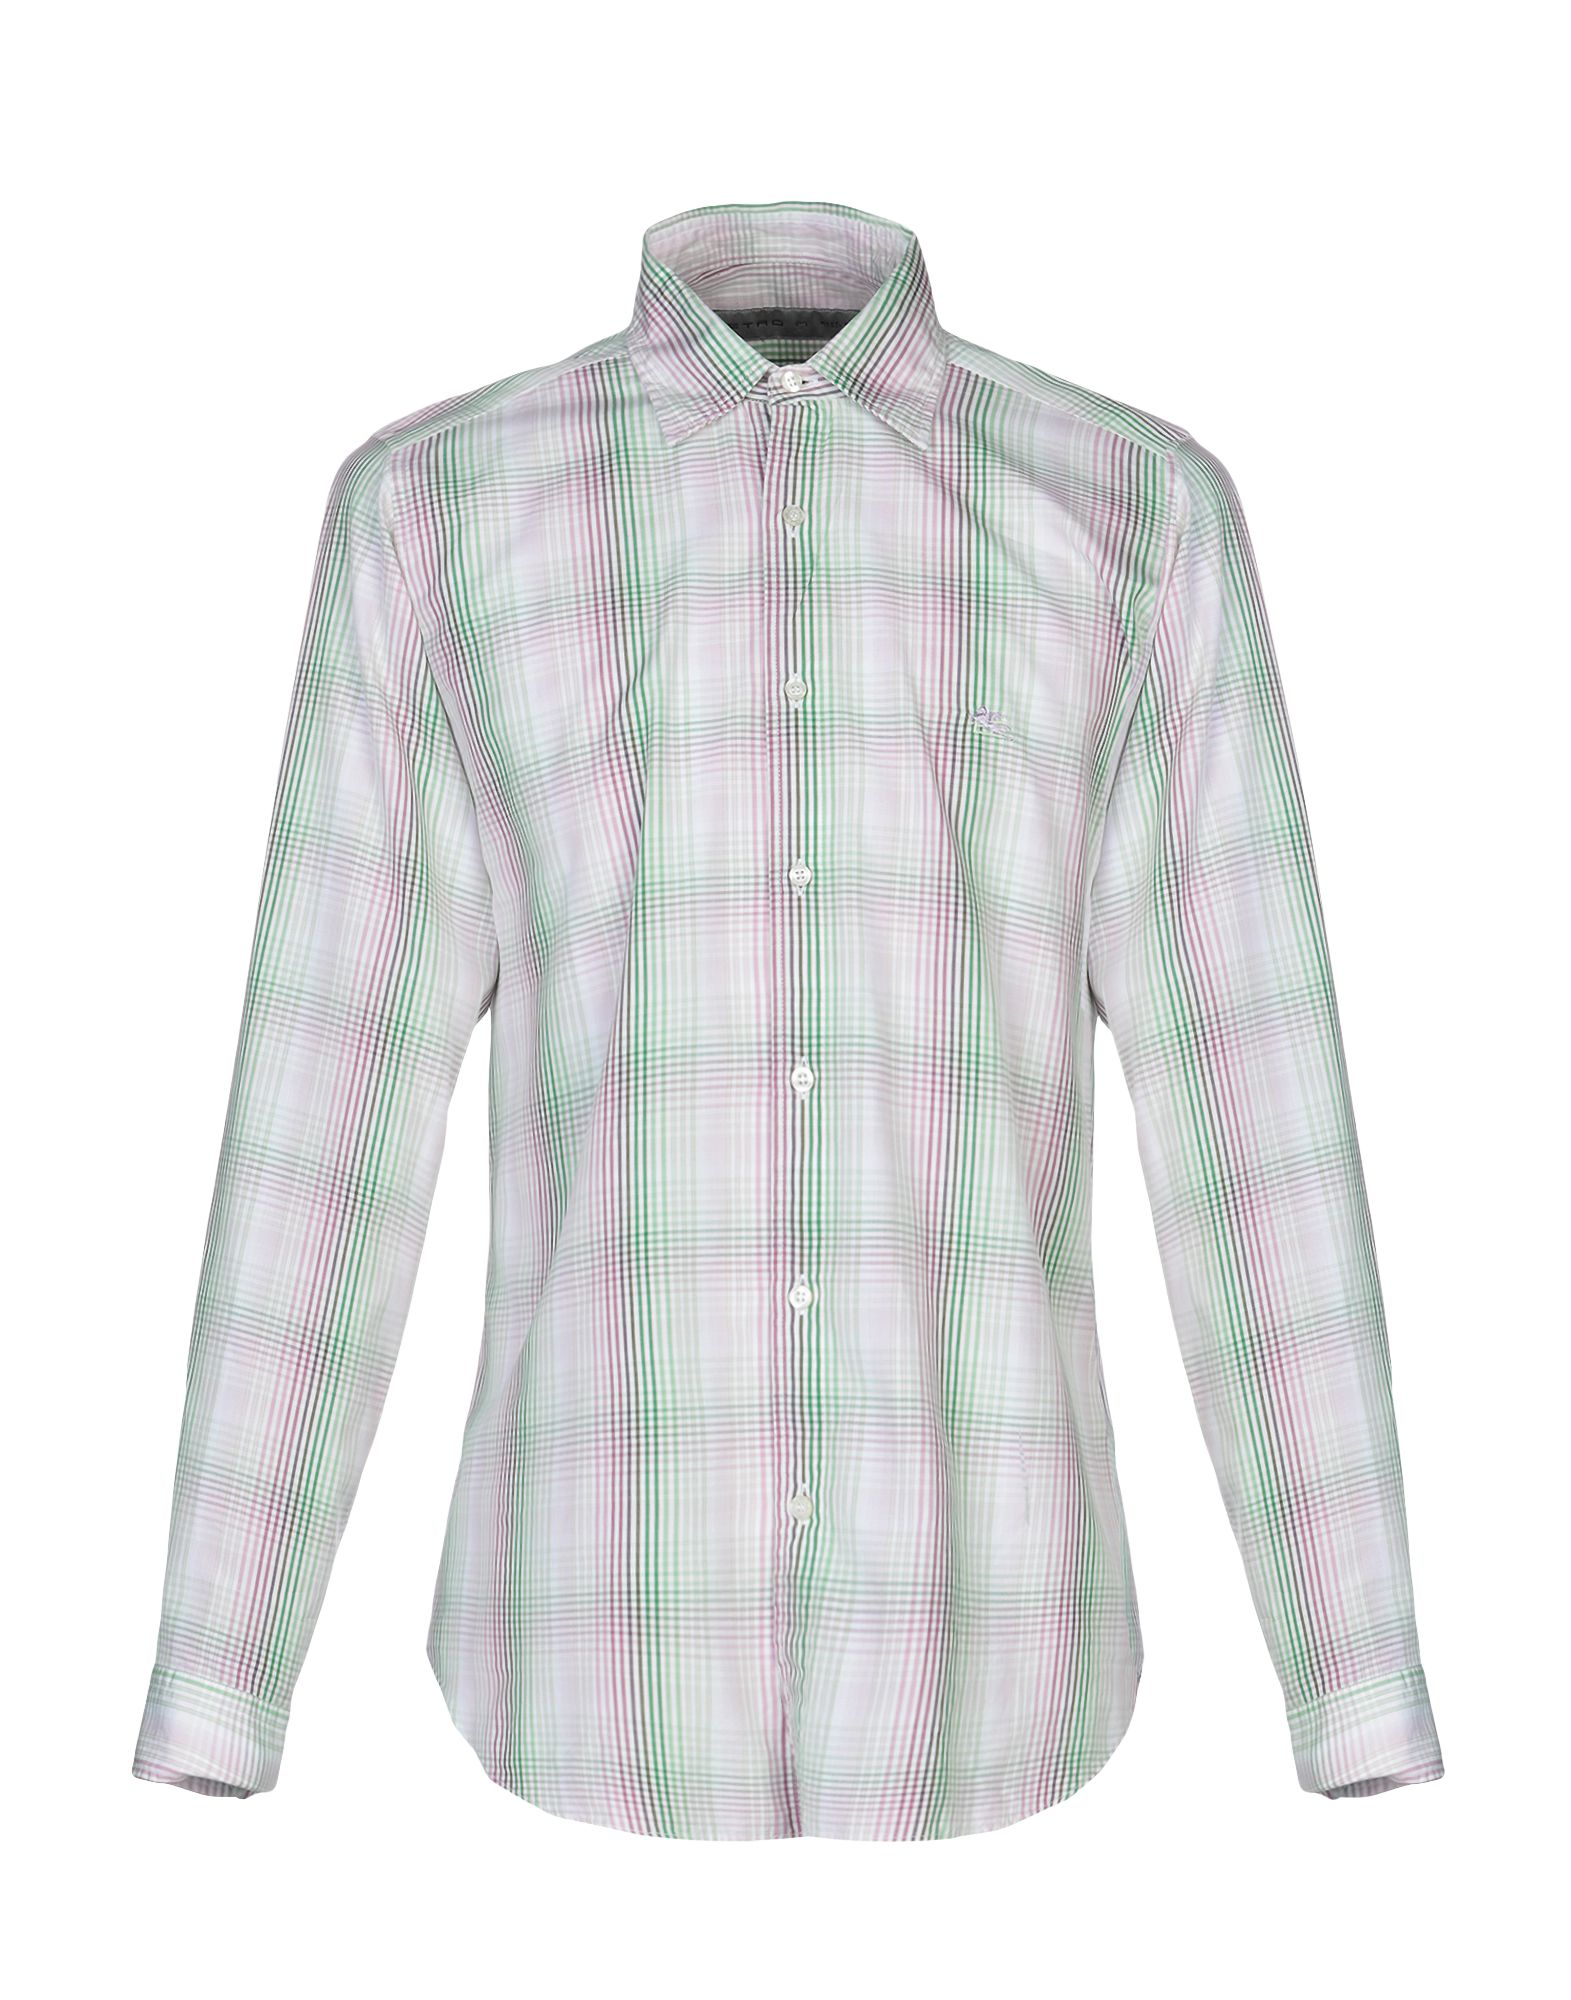 《送料無料》ETRO メンズ シャツ ライトグリーン M コットン 100%